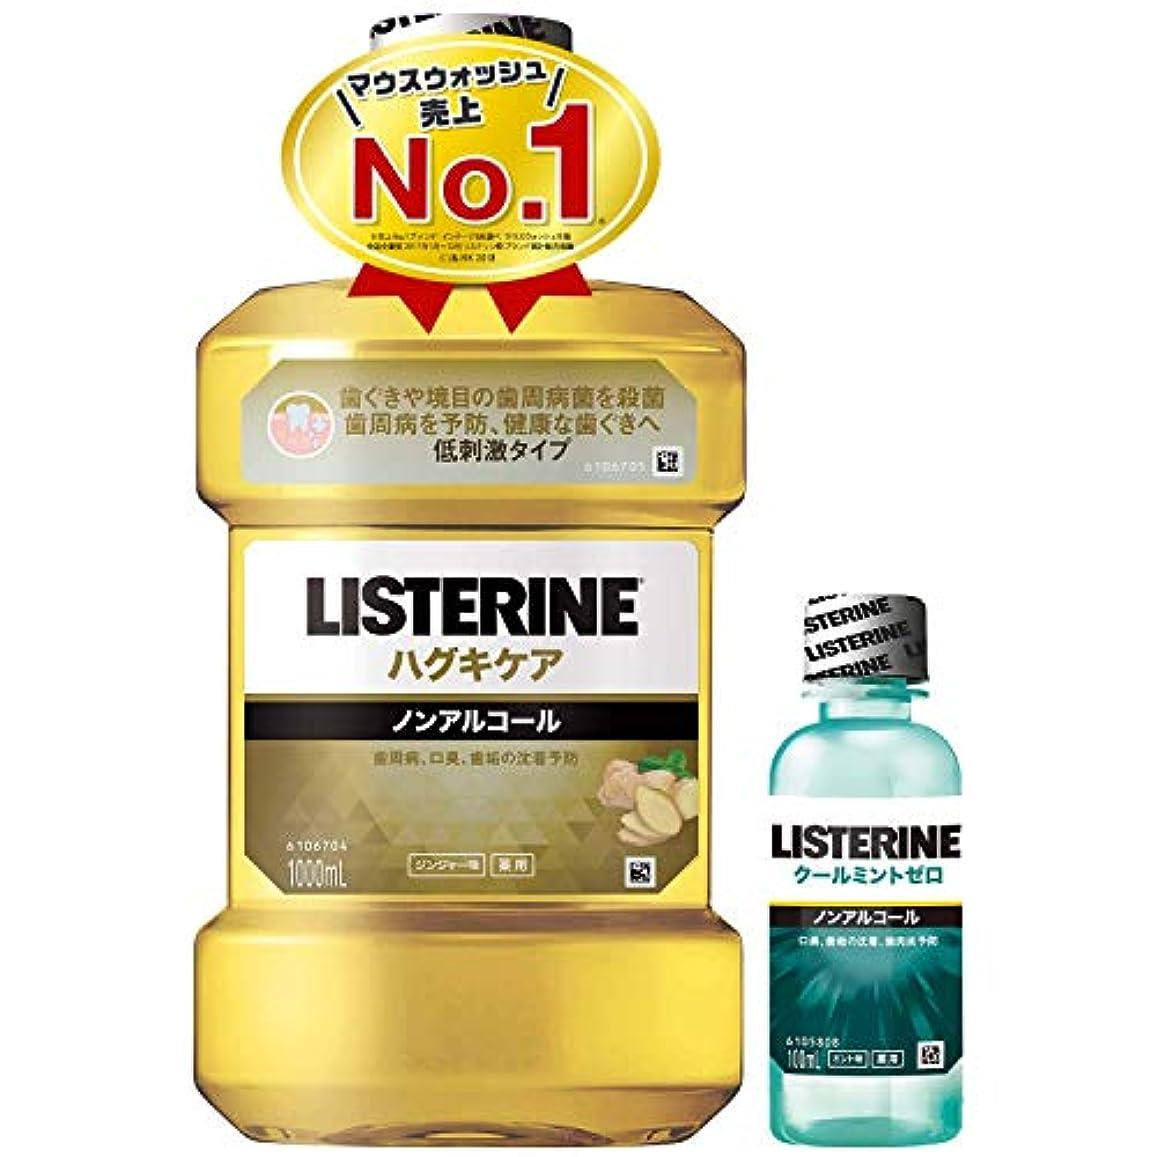 マージン同一の代替案[医薬部外品] 薬用 LISTERINE(リステリン) マウスウォッシュ ハグキケア 1000mL + おまけつき